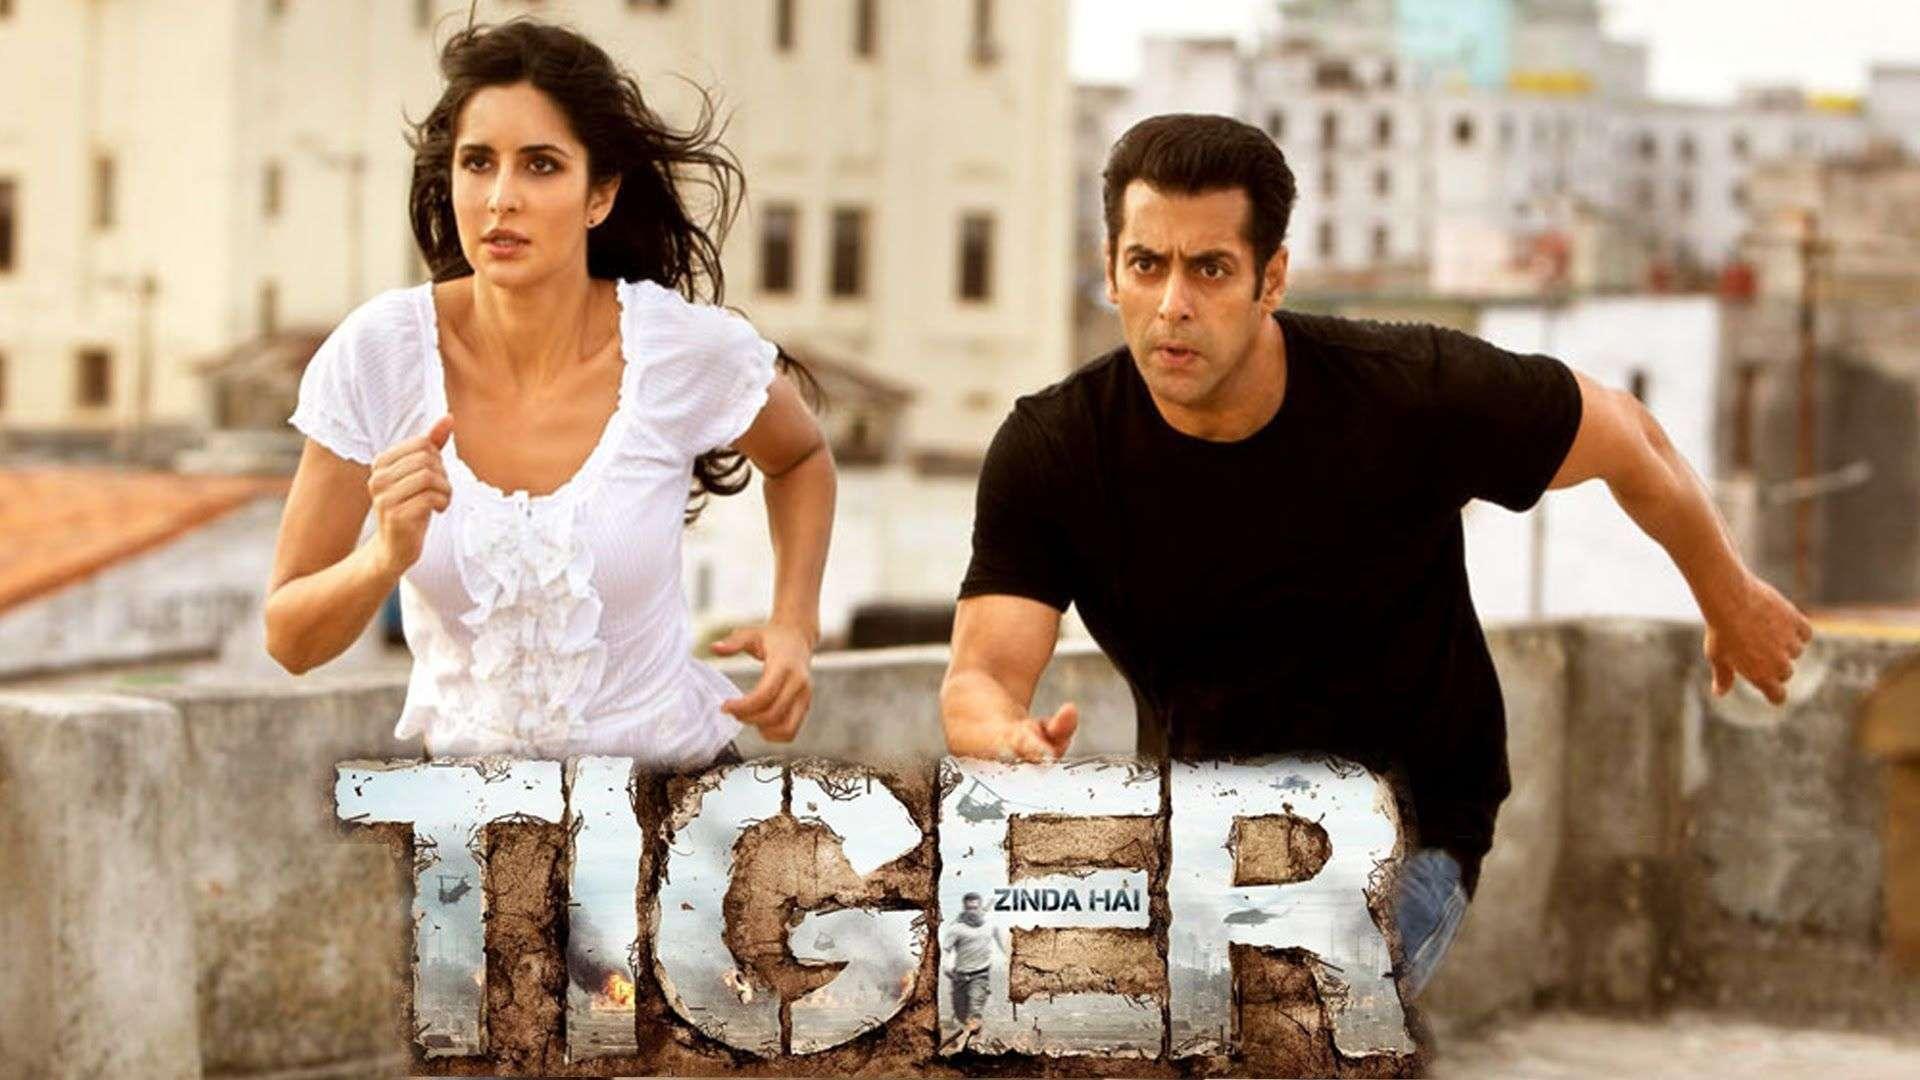 'टाइगर 3' की शूटिंग के लिए मुम्बई में ही बनेगा तुर्की का सेट